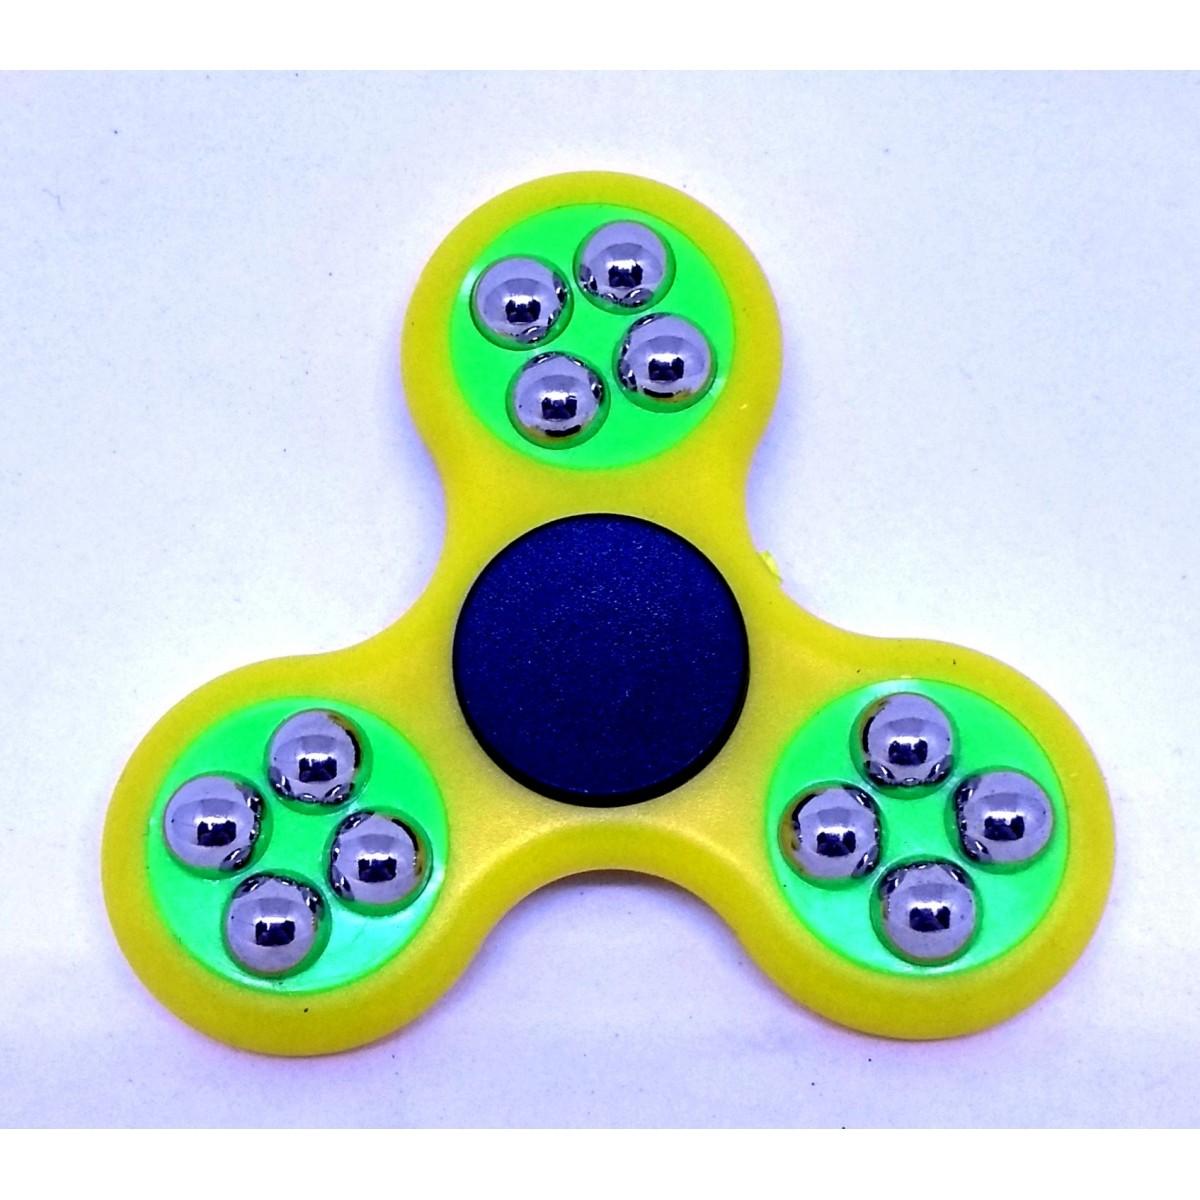 Hand Spinner com bolinhas Amarelo e Verde - Rolamento Anti Estresse Fidget Hand Spinner